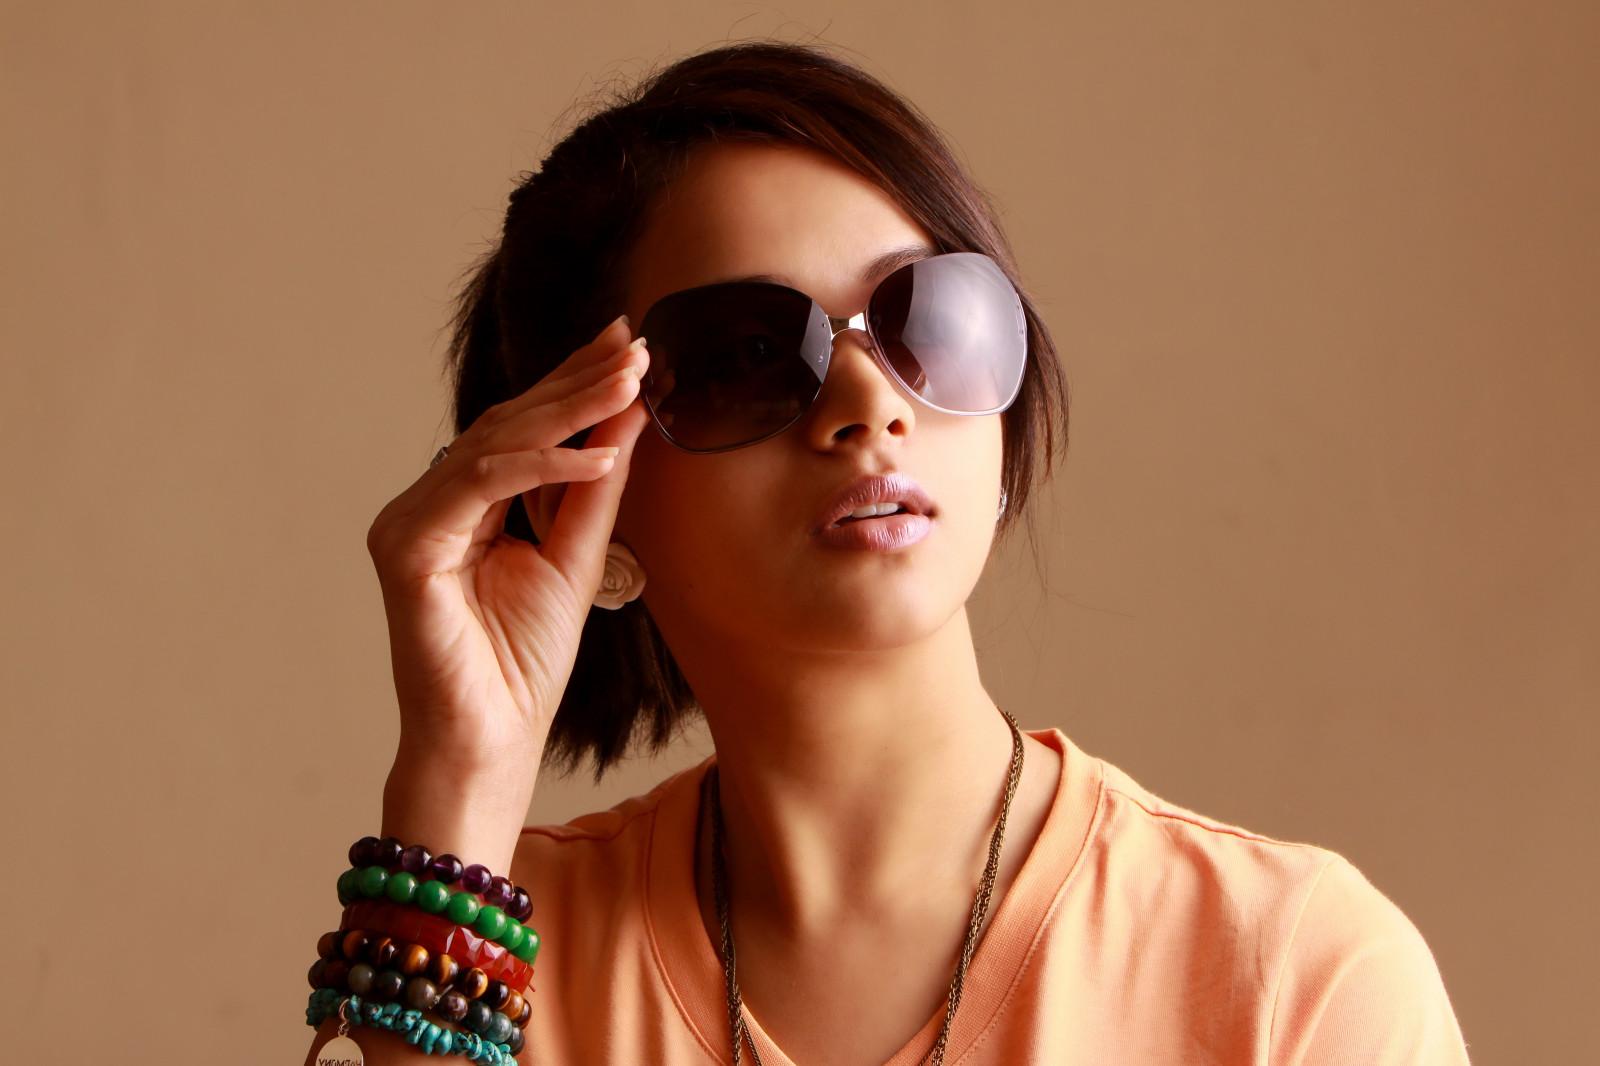 Фото девушек брюнеток в очках в солнечных